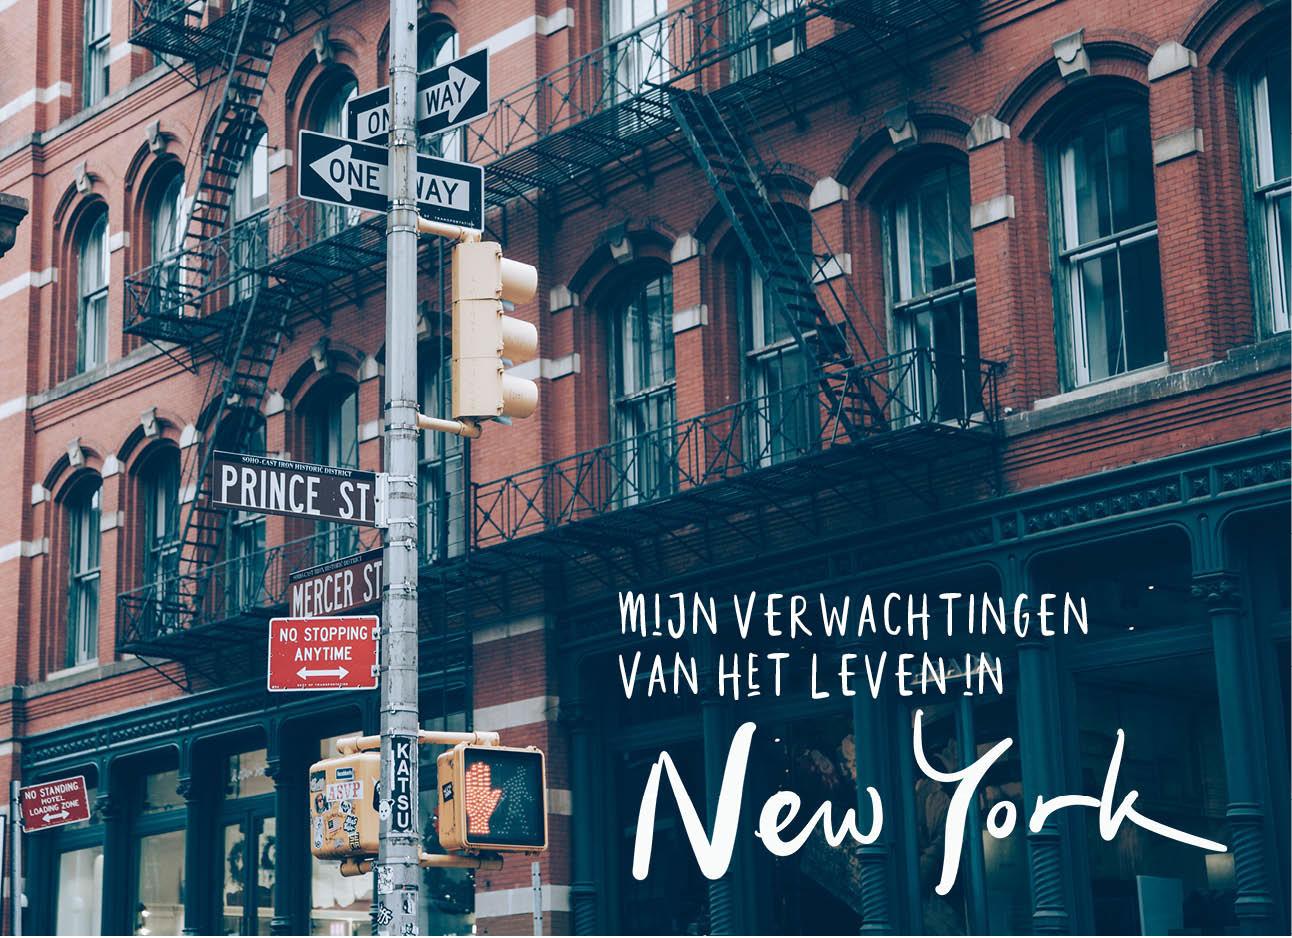 NY straat